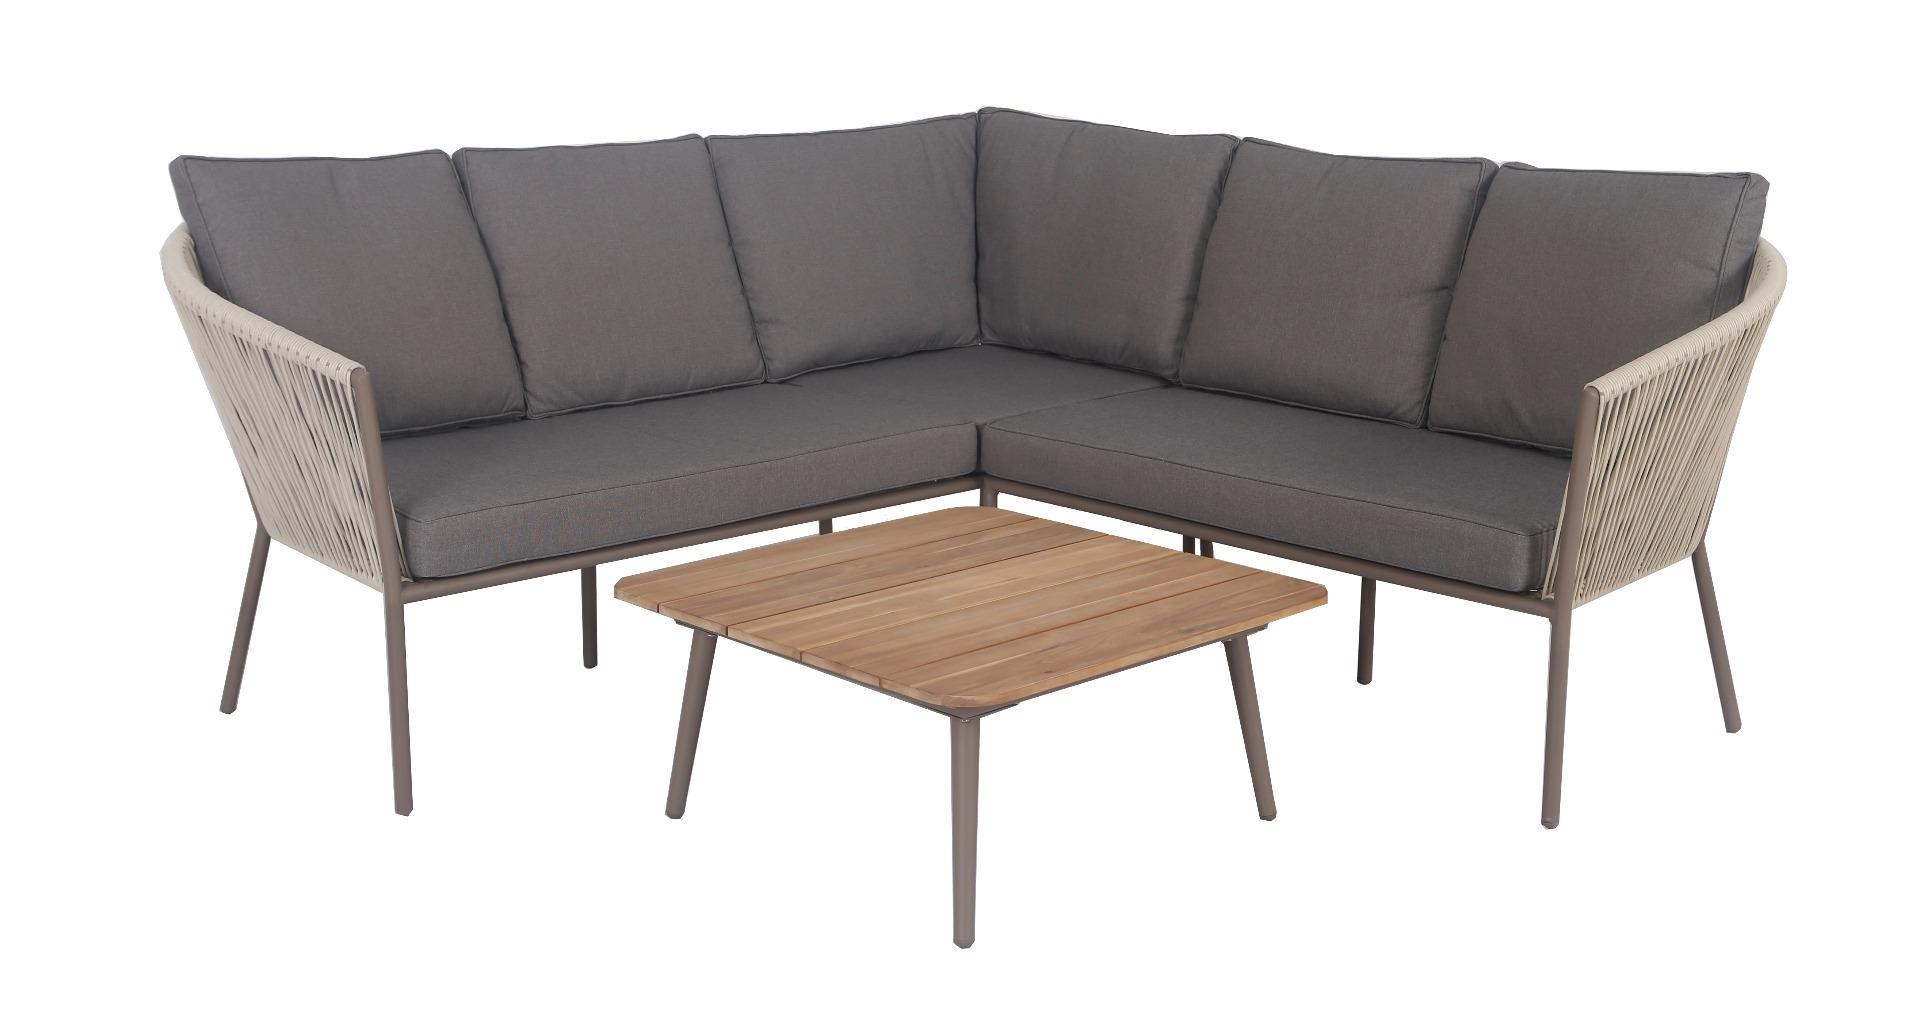 Reims stackable corner set 3pcs (left arm right arm table 75x75cm)